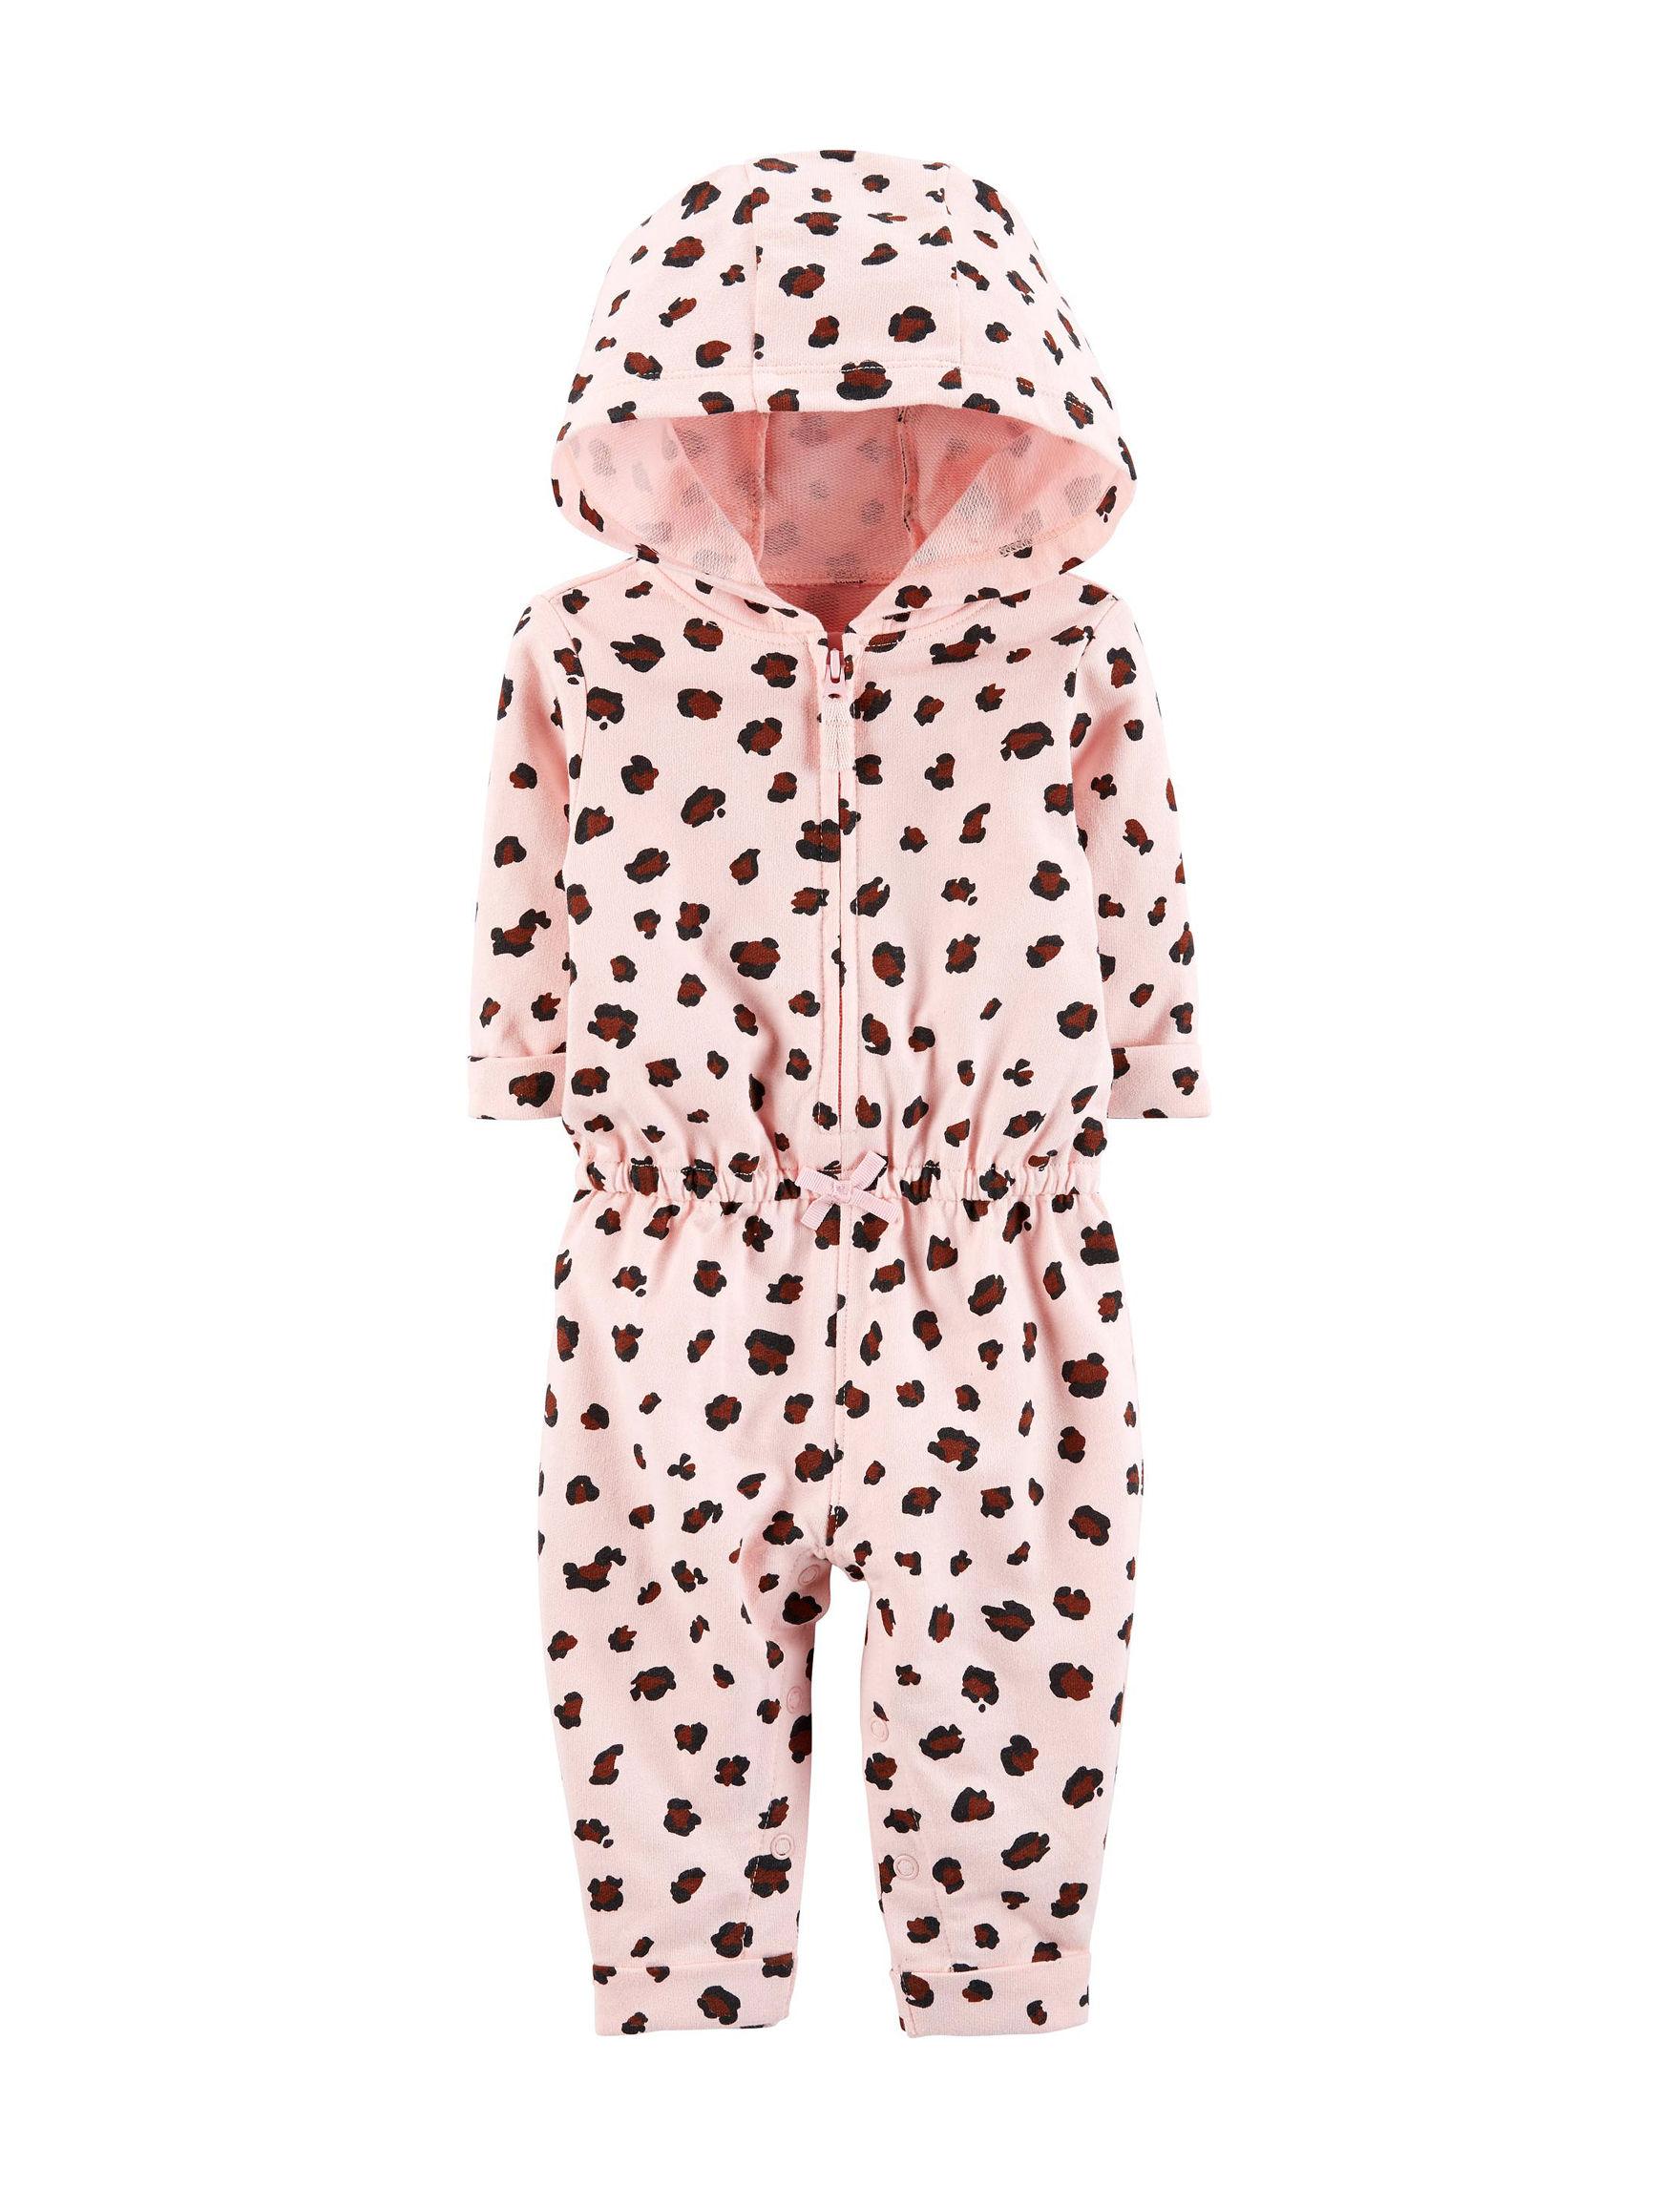 Carter's Pink Cheetah